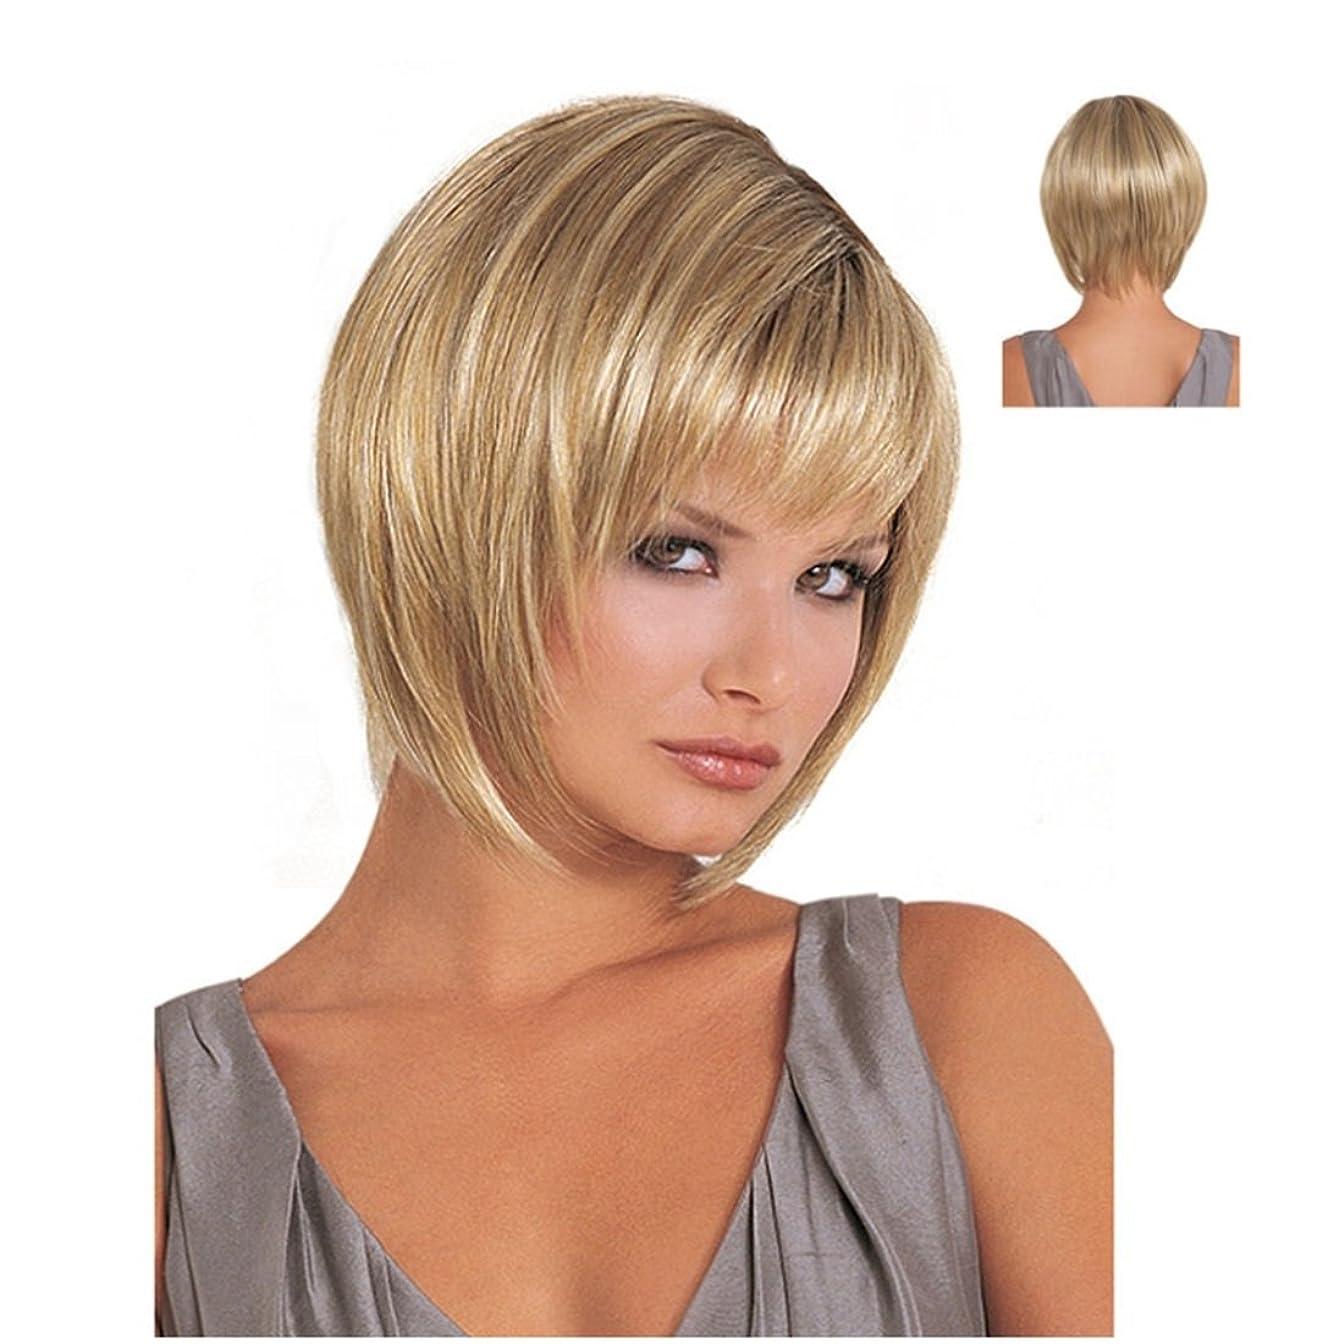 無し葉を集める海外でYrattary ふわふわのマイクロボリューム現実的なかつら女性のための短いカーリーナチュラルカラーゴールドかつら白髪のかつら20cm / 25cmファッションかつら (サイズ : 20cm)